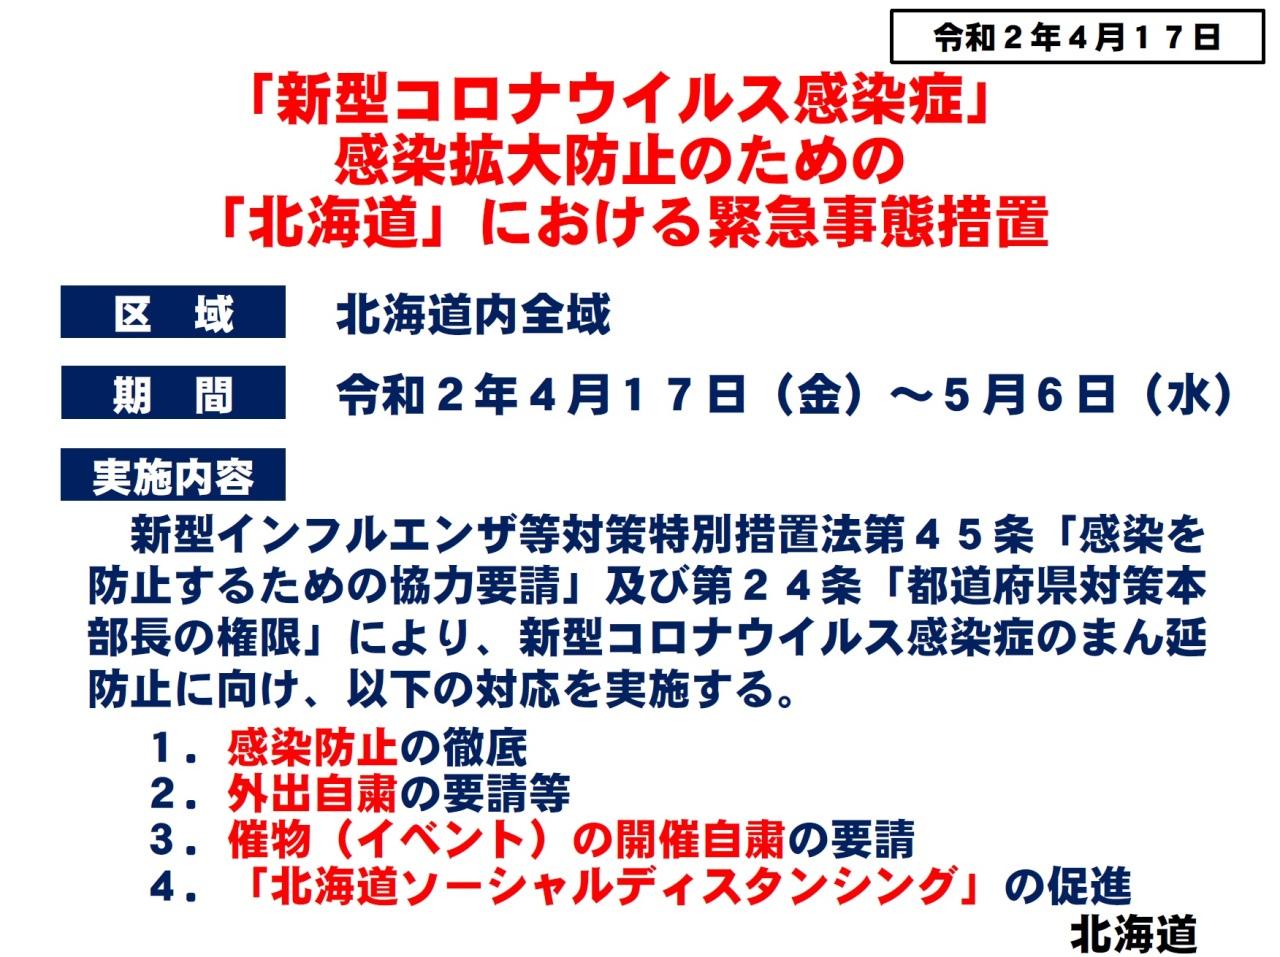 新型 コロナ ウイルス 北海道 どこ